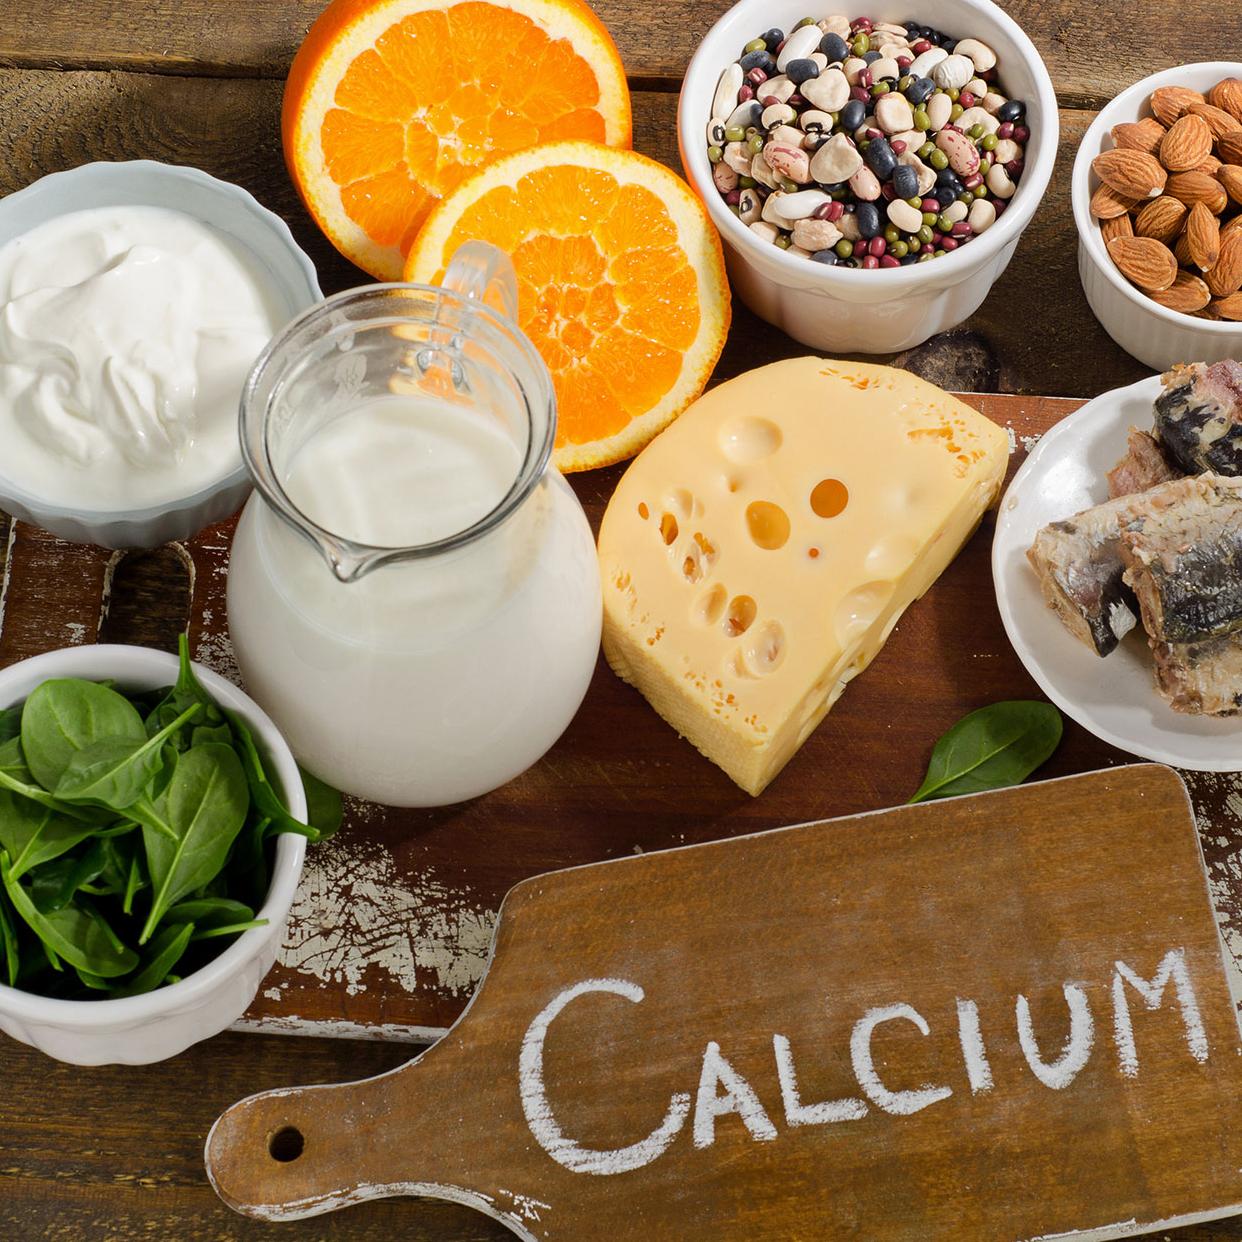 營養品食用方法&說明 - 鈣